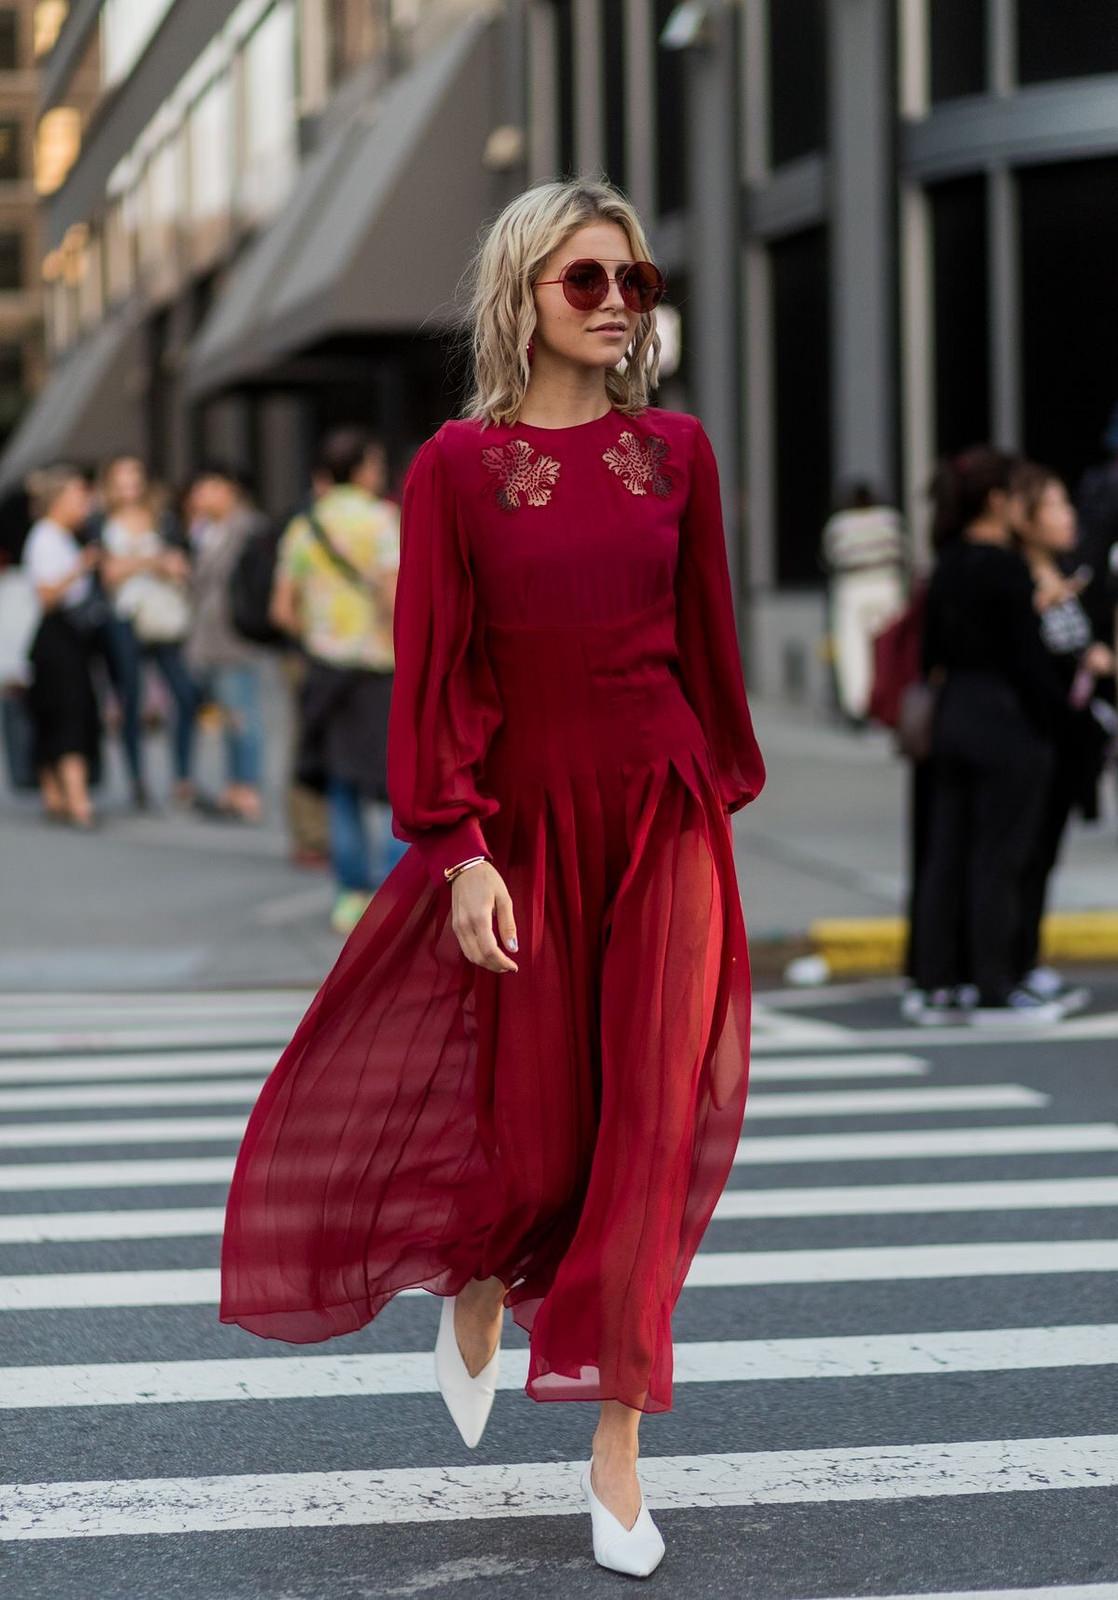 trang phục dự tiệc đỏ burgundy cho mùa lễ hội 4